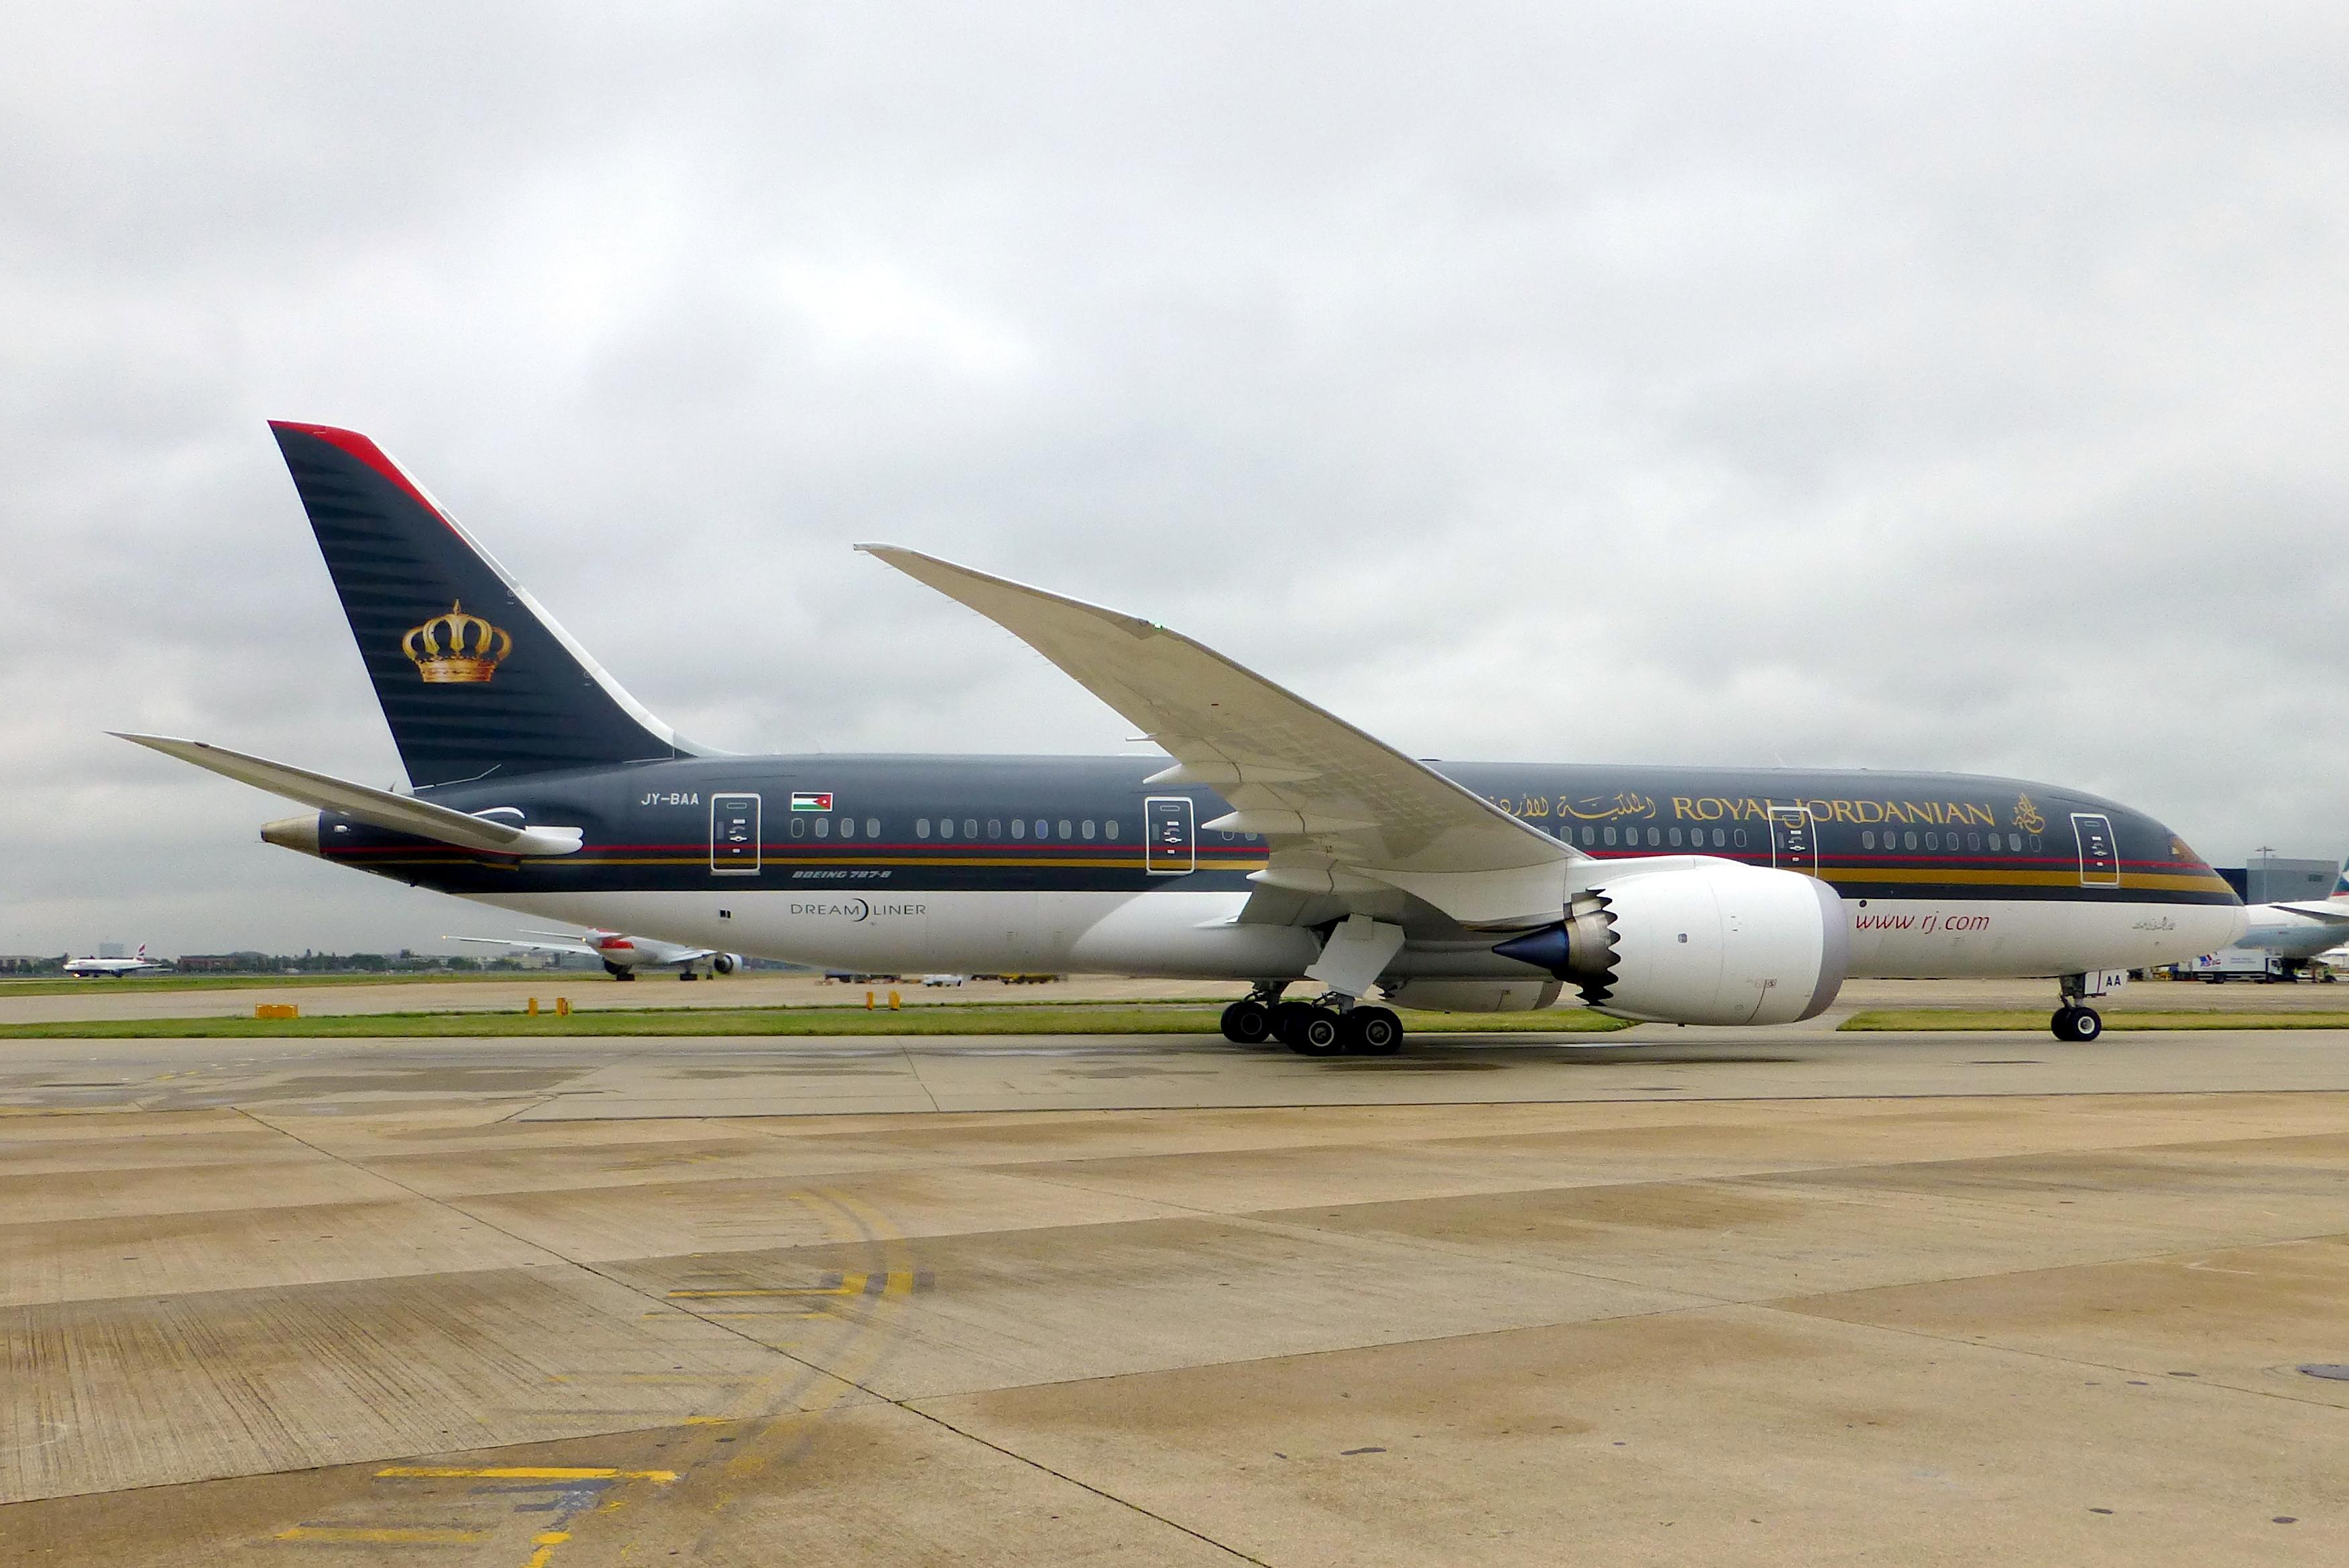 Compagnies Aériennes Jordan Doha